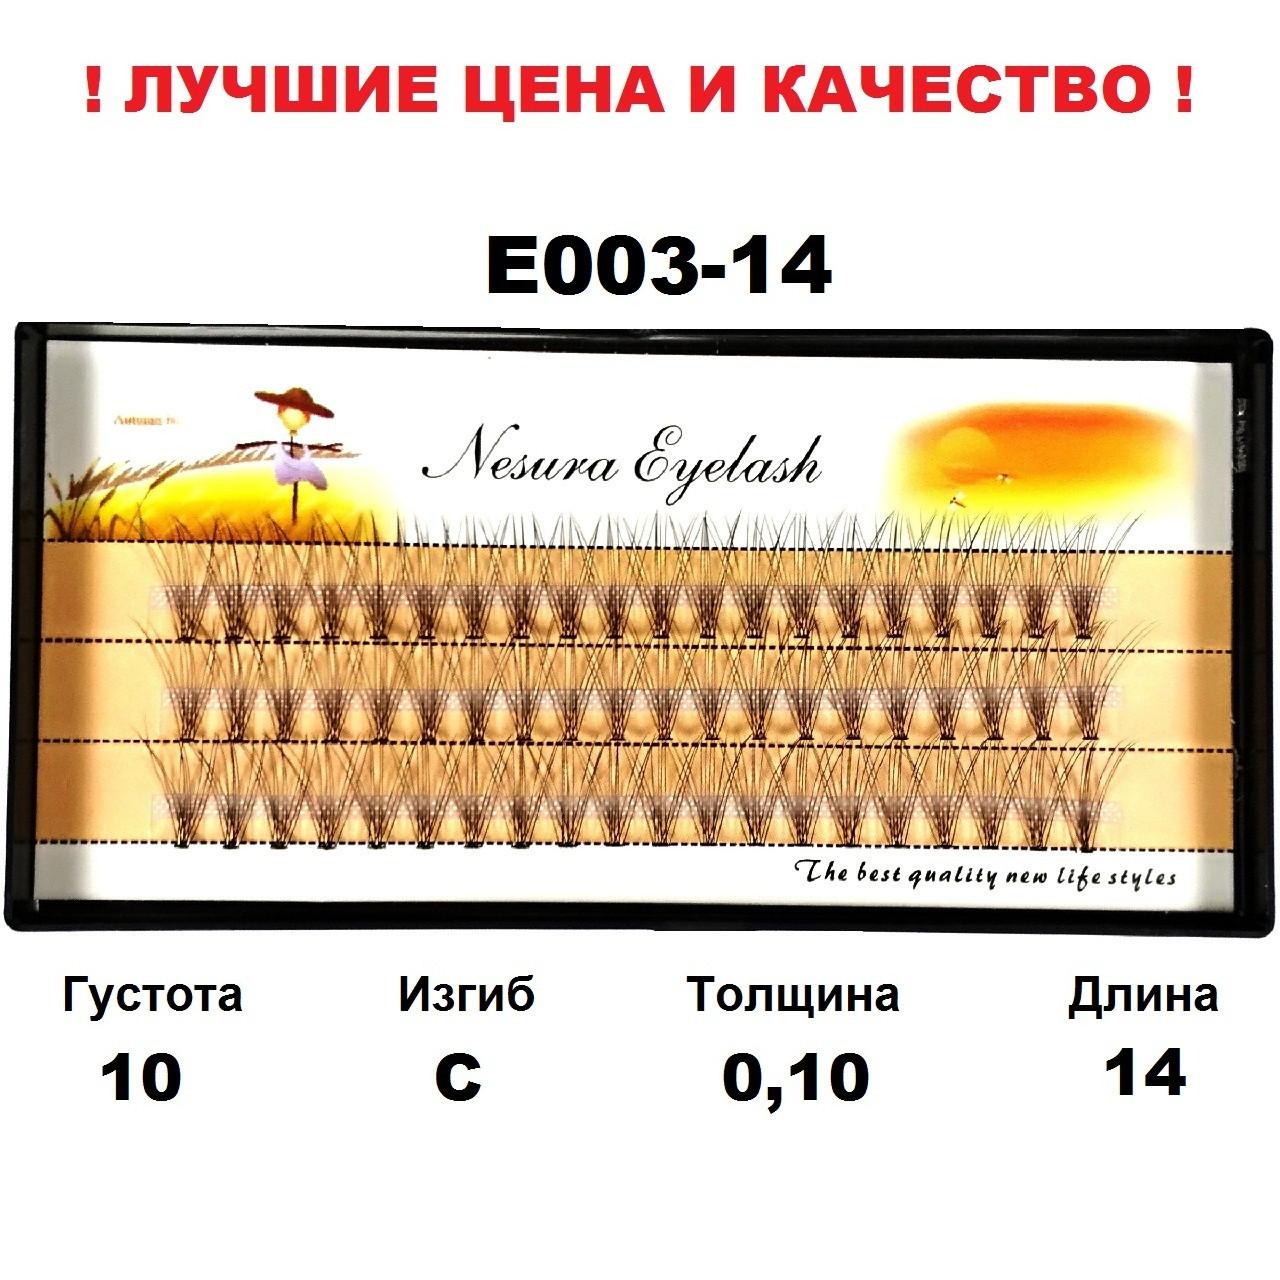 Ресницы Nesura 10D, 6-15 мм, изгиб С, 0,10, 60 пучков 14